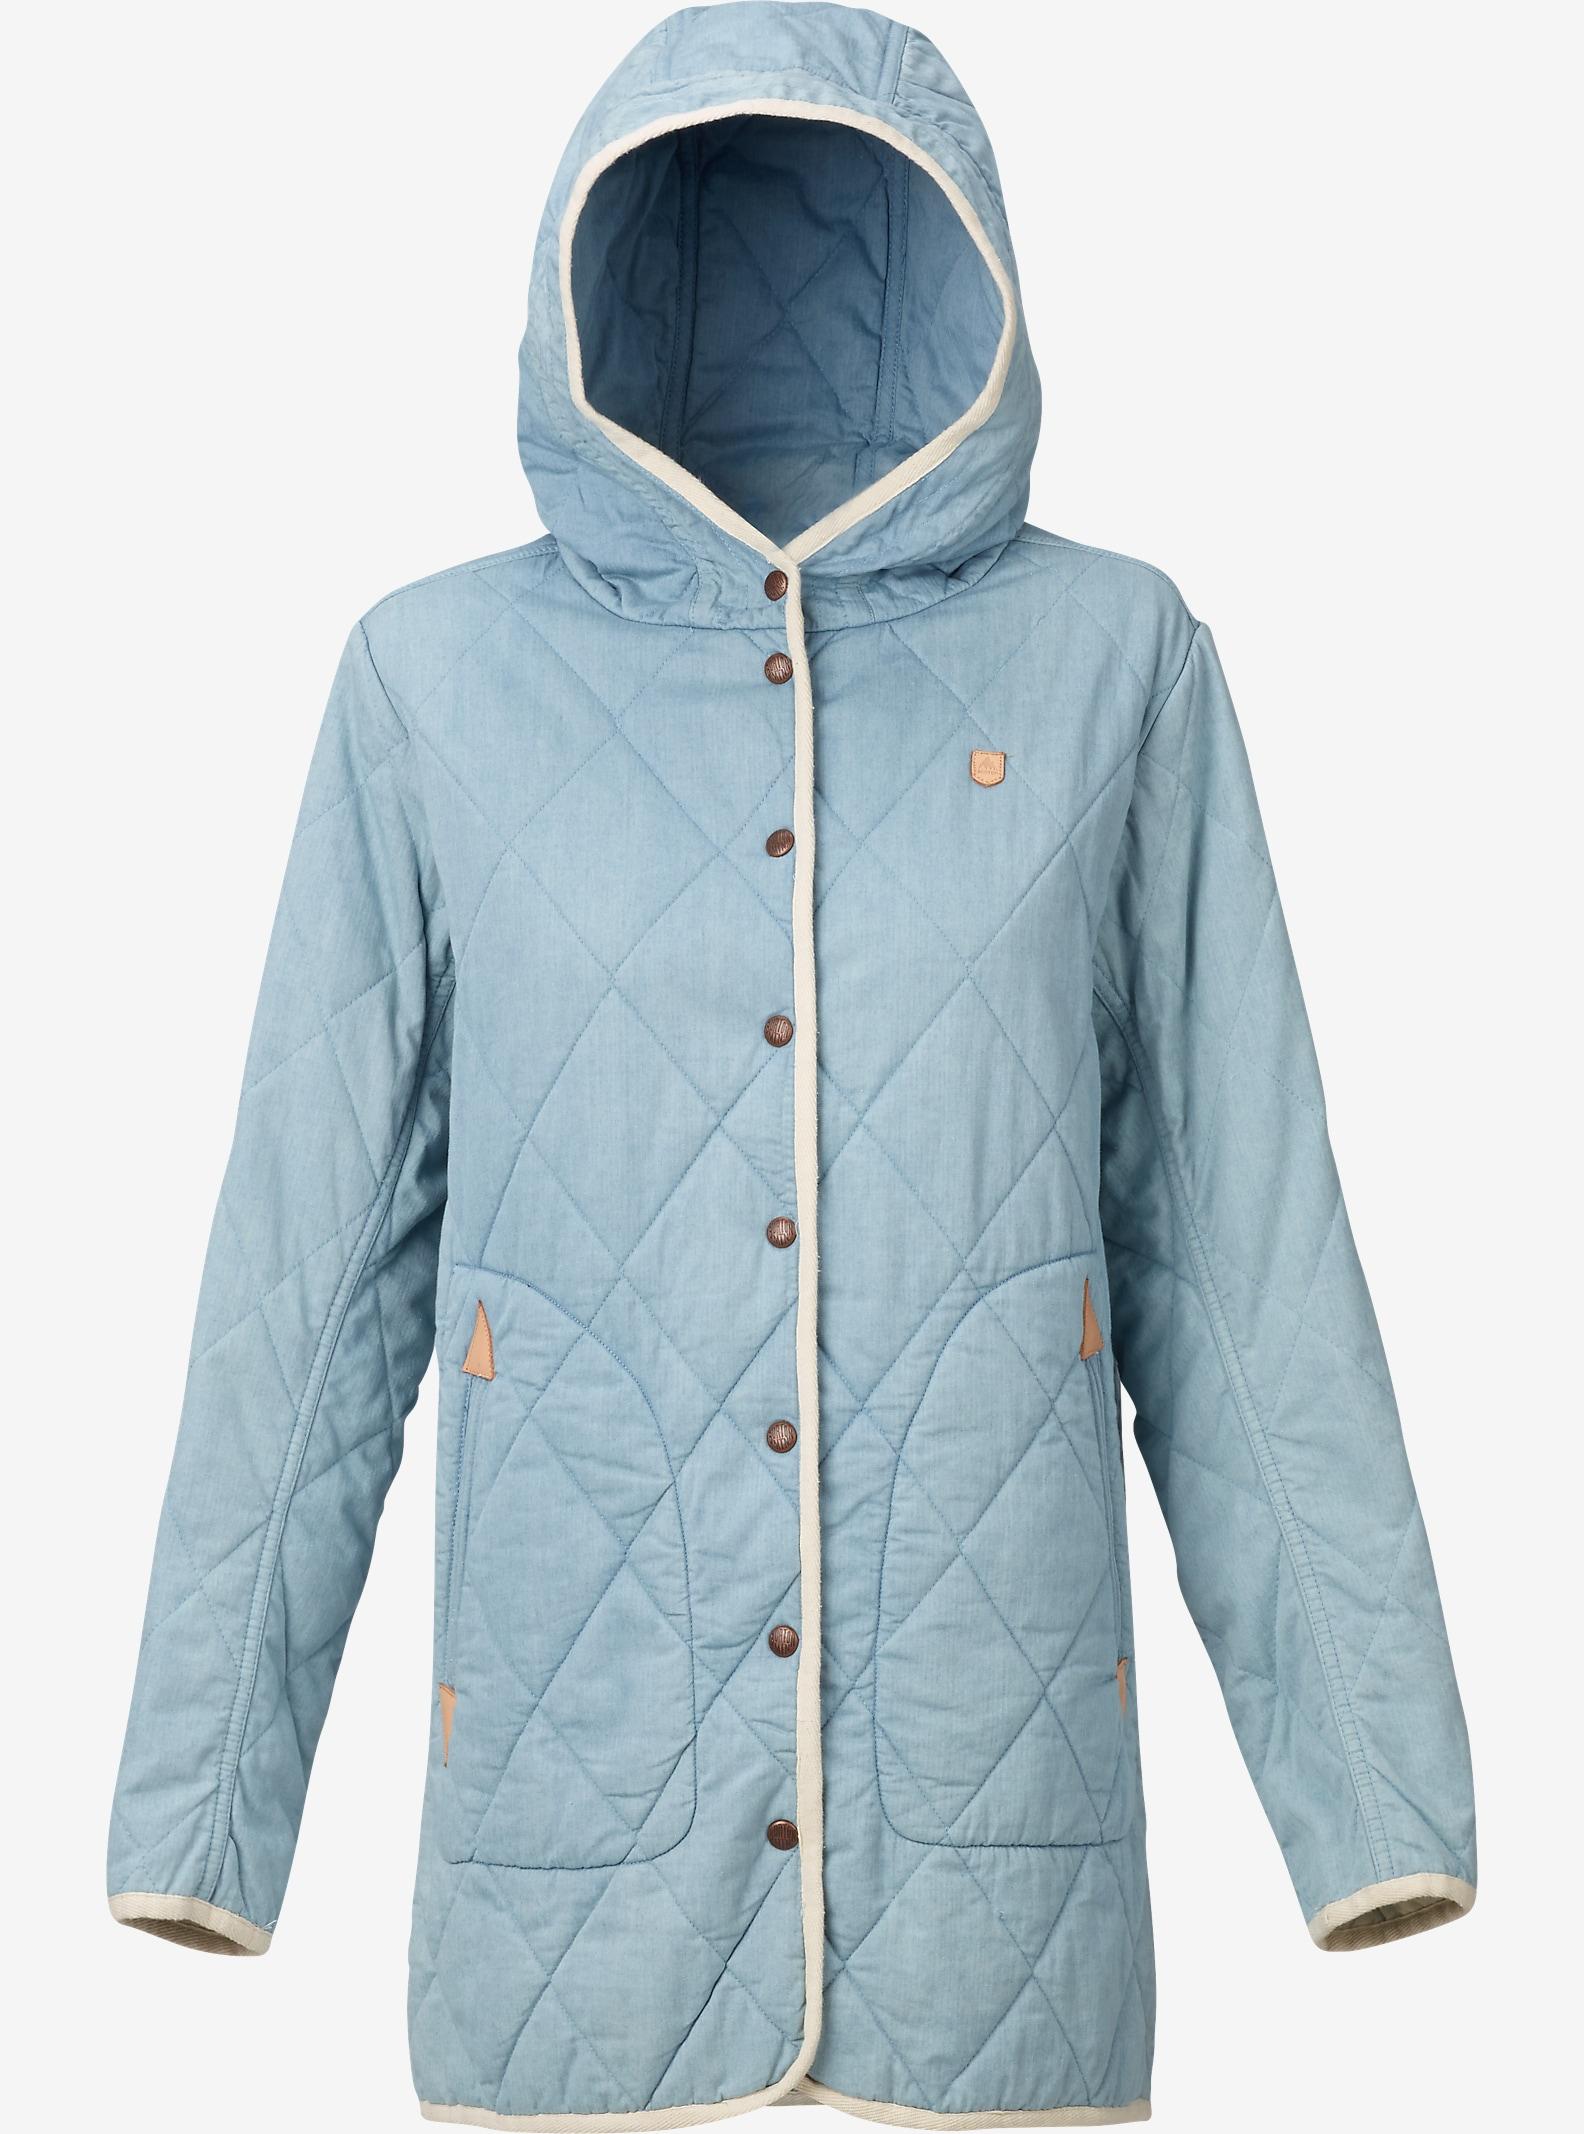 Burton Gemmi Jacket shown in Indigo Herringbone